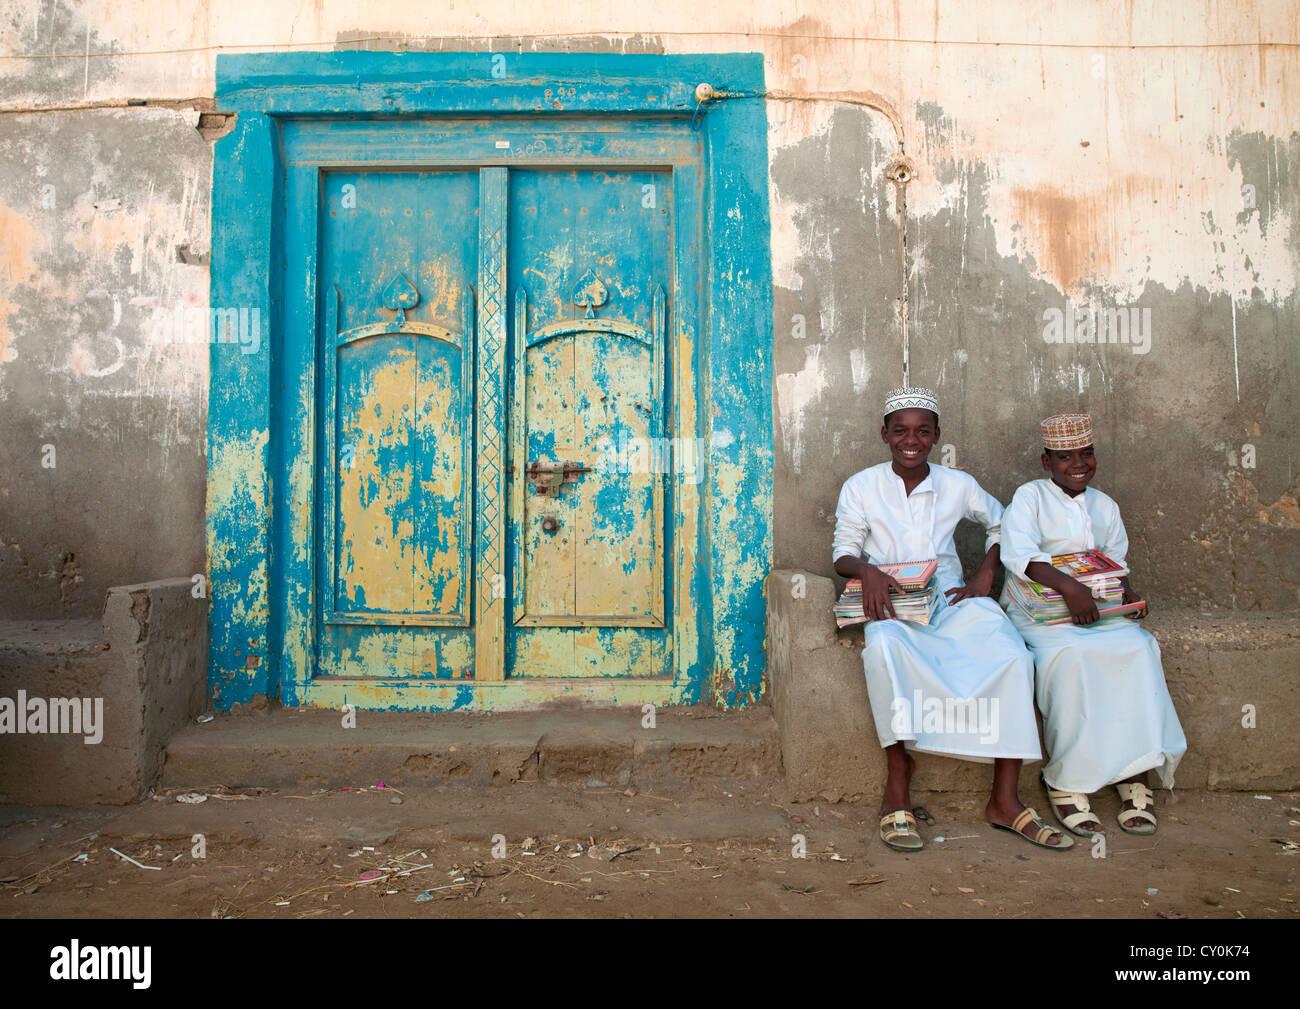 Zwei Kinder In weißen Dischdascha sitzt neben A Blau Holztür, Mirbat ...